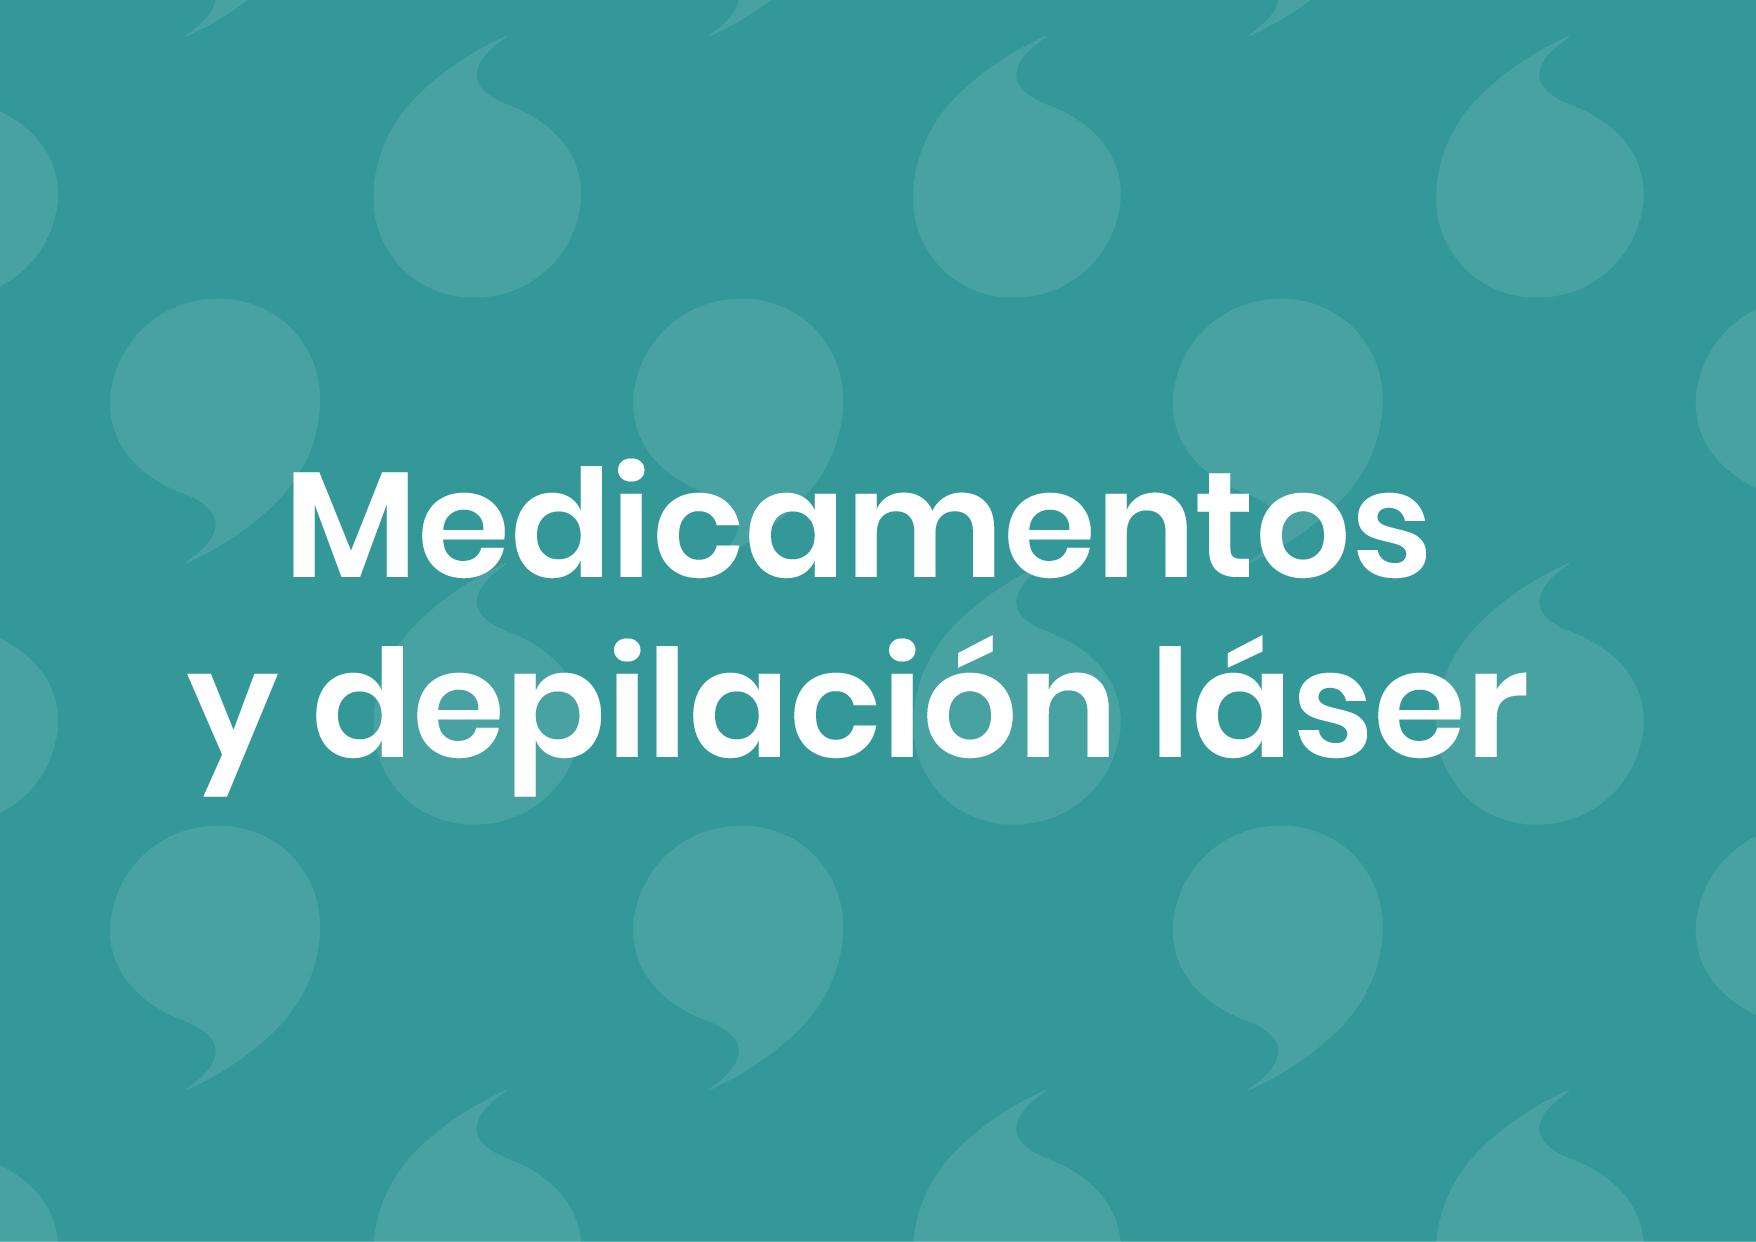 Medicamentos y depilación láser de diodo